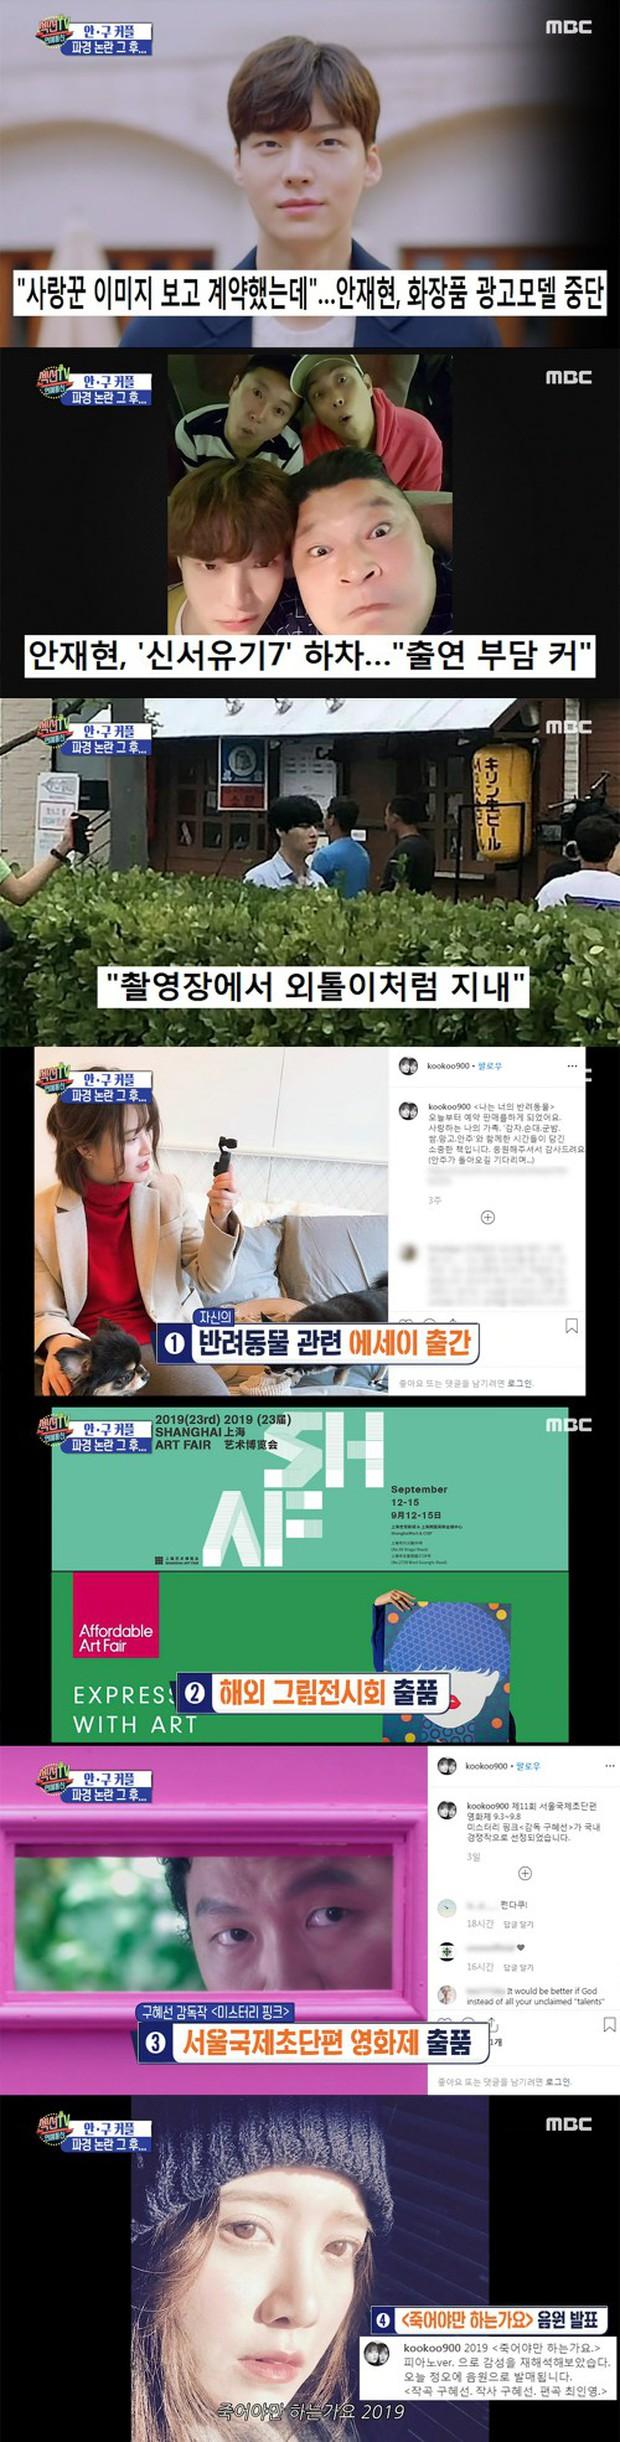 HOT: Ahn Jae Hyun lần đầu xuất hiện sau vụ ly hôn chấn động, tự cô lập với biểu cảm vô hồn trên trường quay - Ảnh 3.